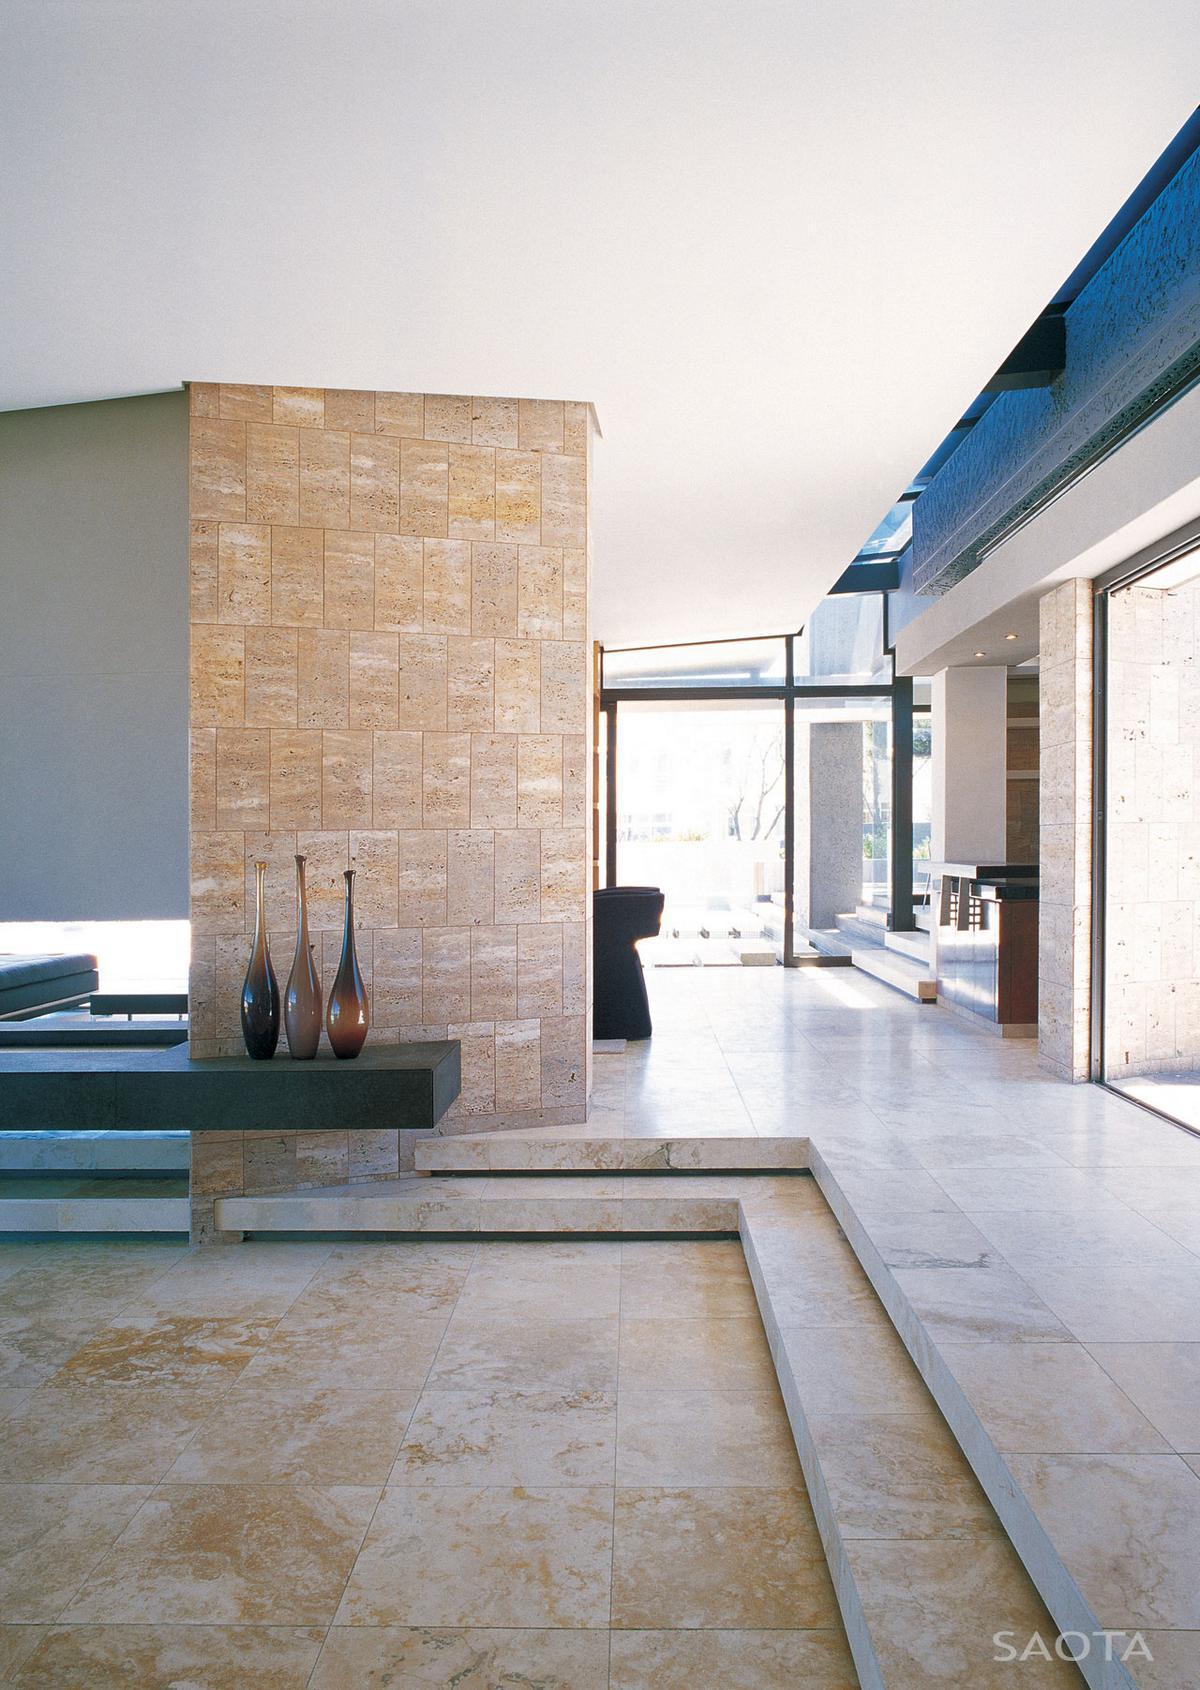 Melkbos, дома в Кейптауне, миля миллионеров, SAOTA, дома в ЮАР, роскошный дом на берегу океана, панорамные окна, потрясающий вид на океан из окон дома